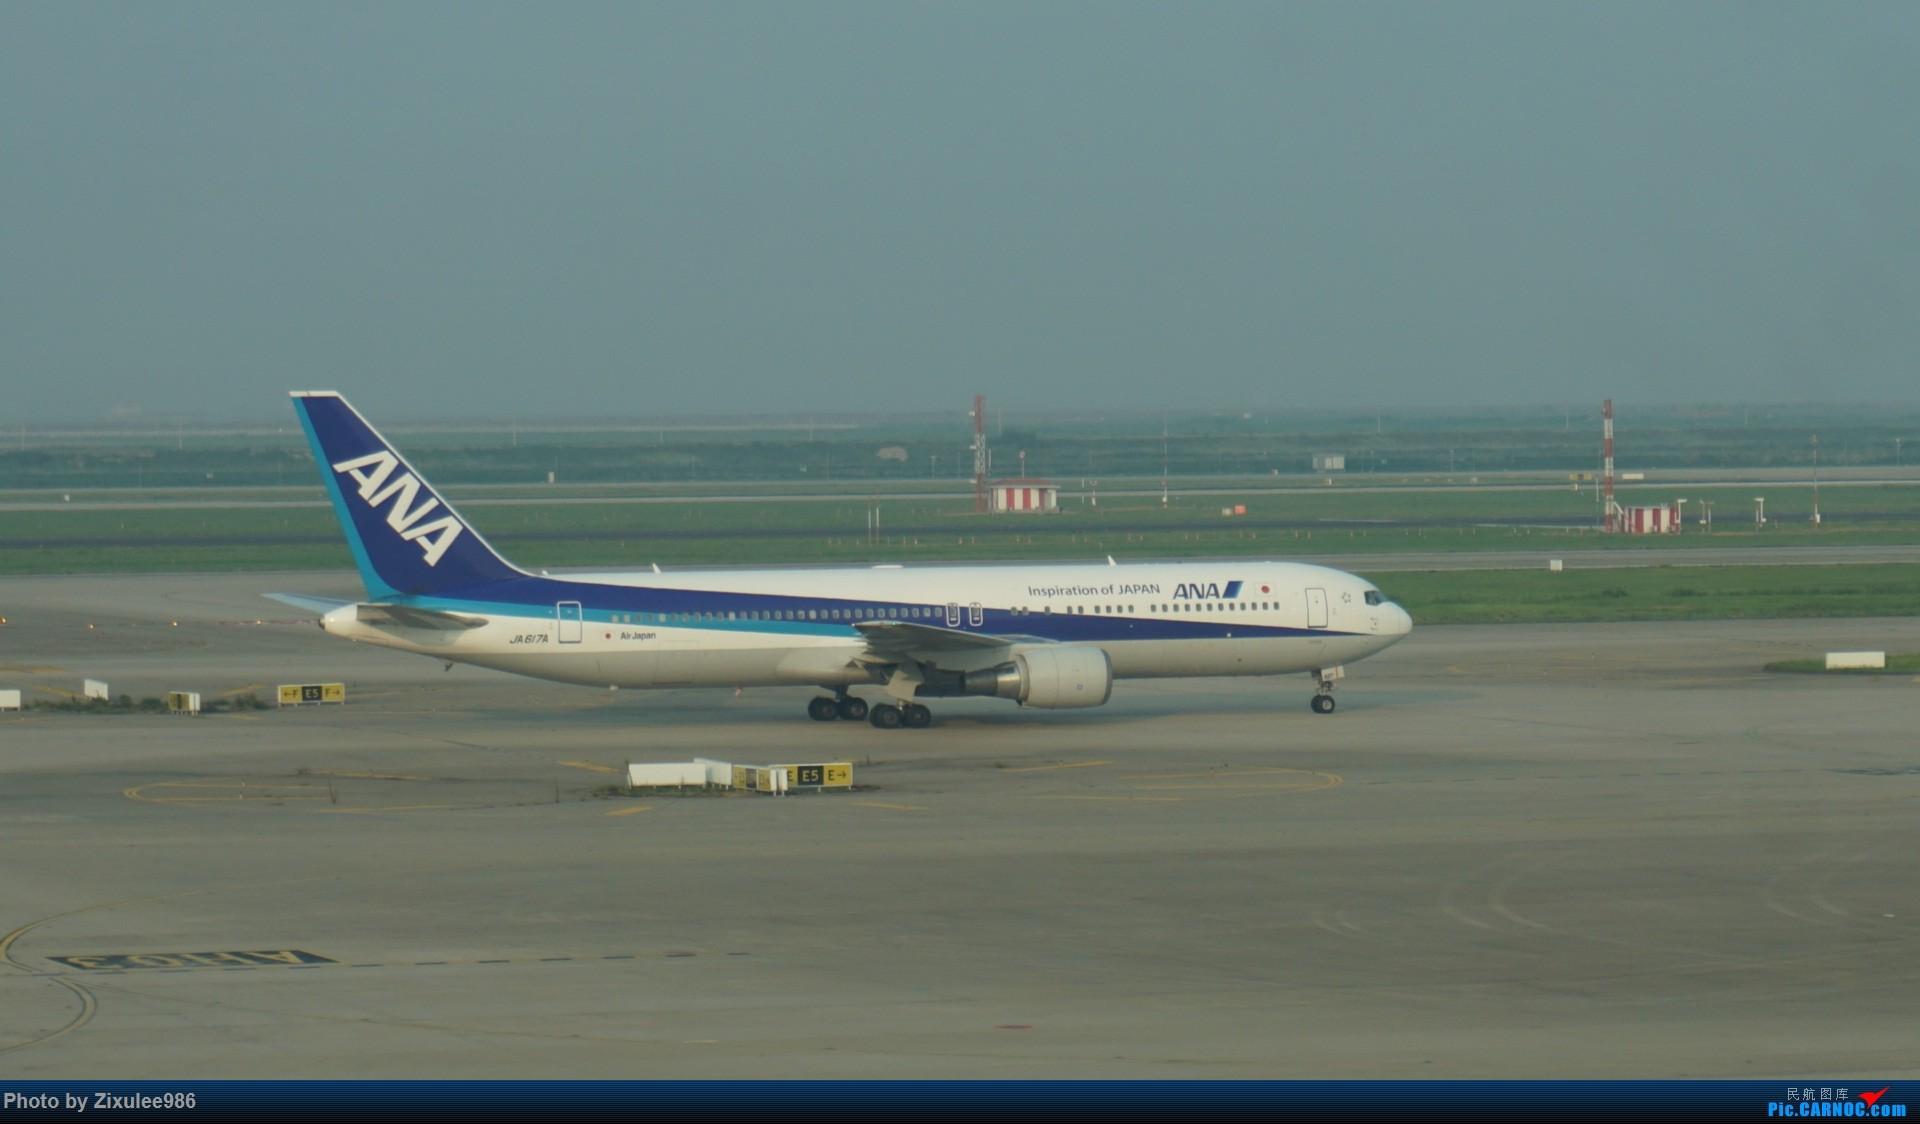 Re:[原创]加拿大21日游学之旅 (二)~加航AC28..PVG-YYZ到达多村后的雨天~多图缓更,请各位大侠谅解~ BOEING 767-381 (ER) JA617A 中国上海浦东国际机场